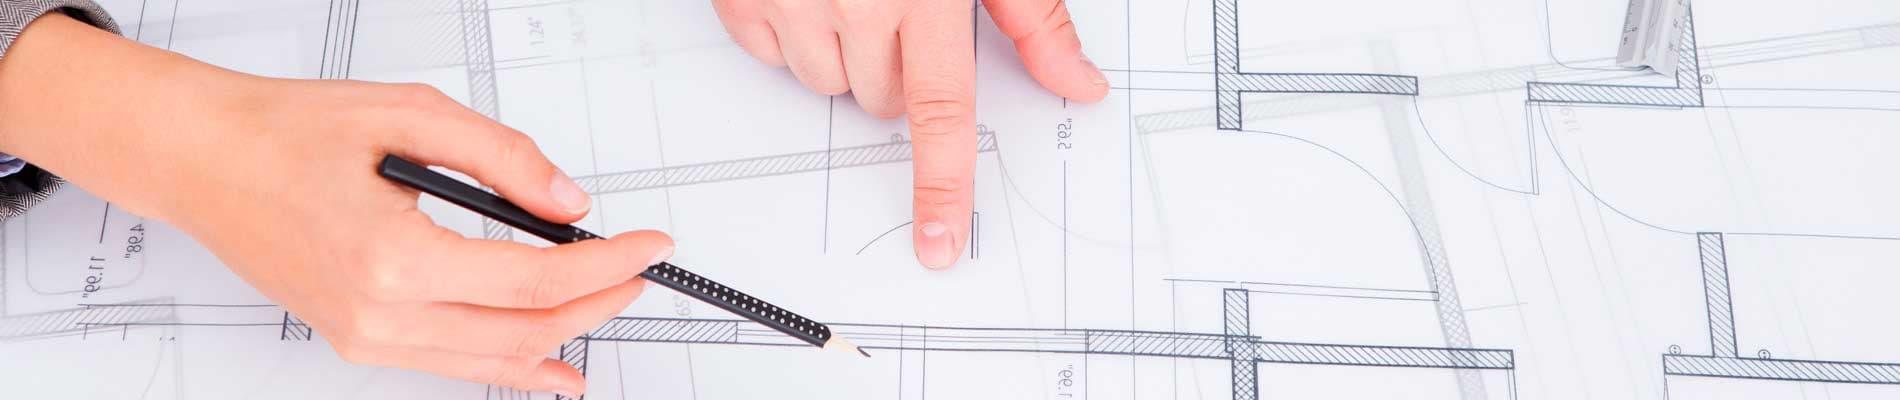 Delineació / CAD construcció / Projectes de construcció